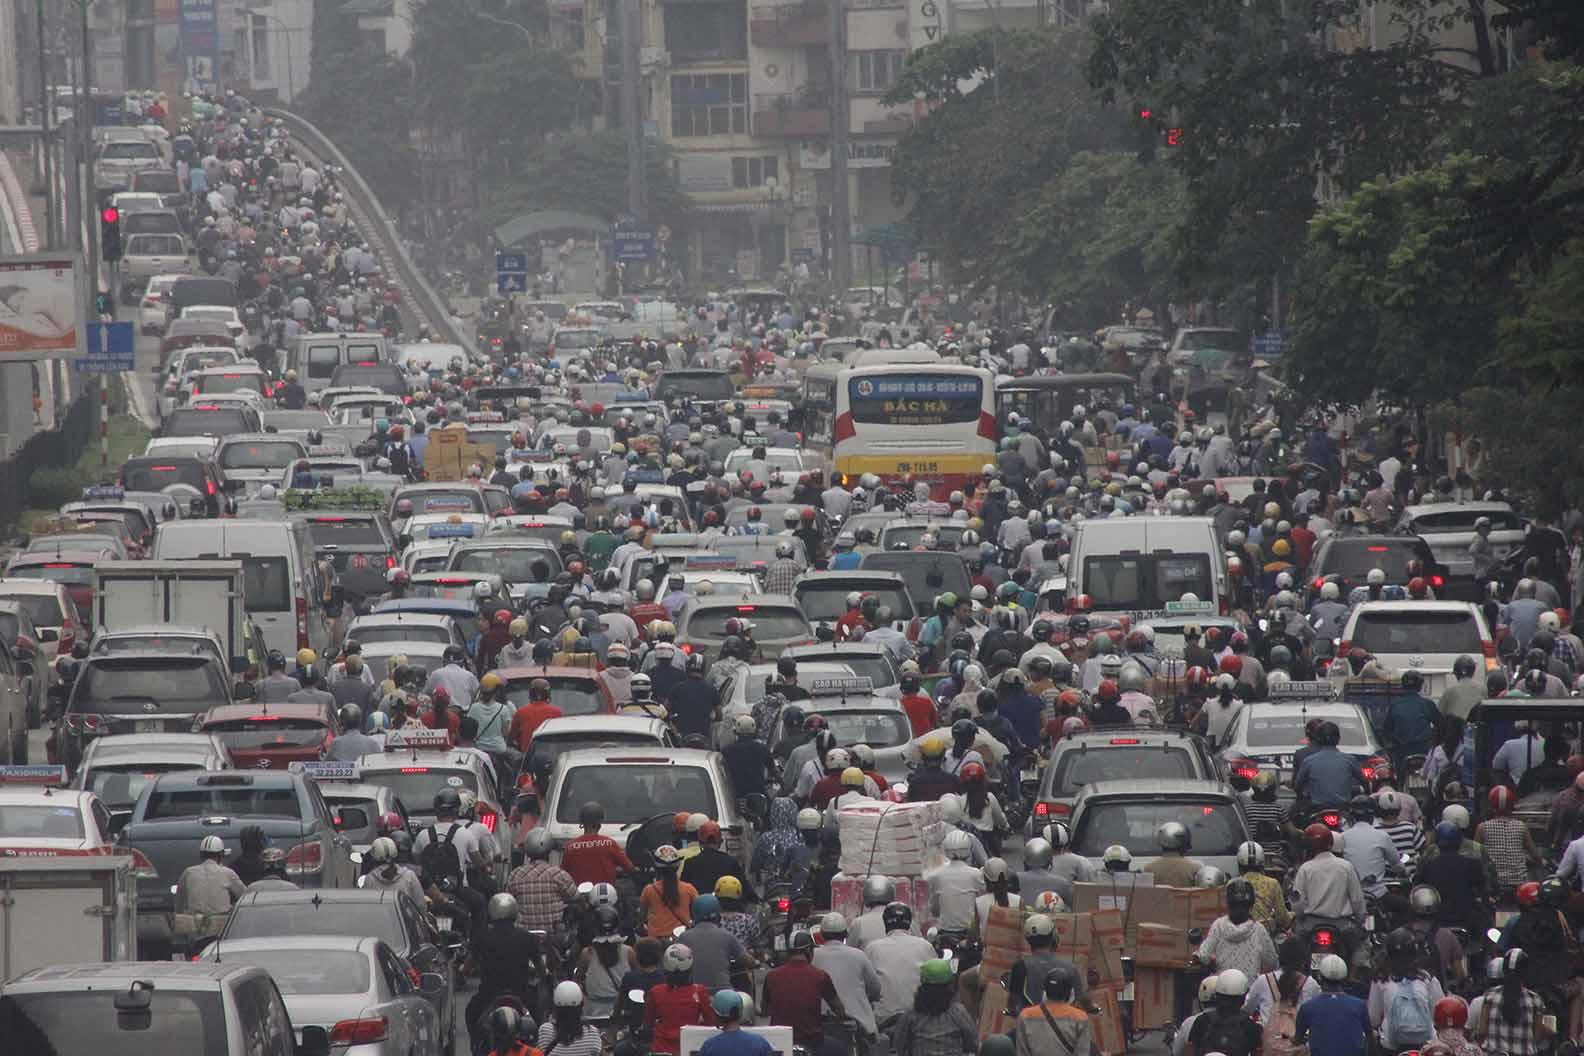 Tác hại của khí thải phương tiện giao thông tới sức khoẻ và môi trường